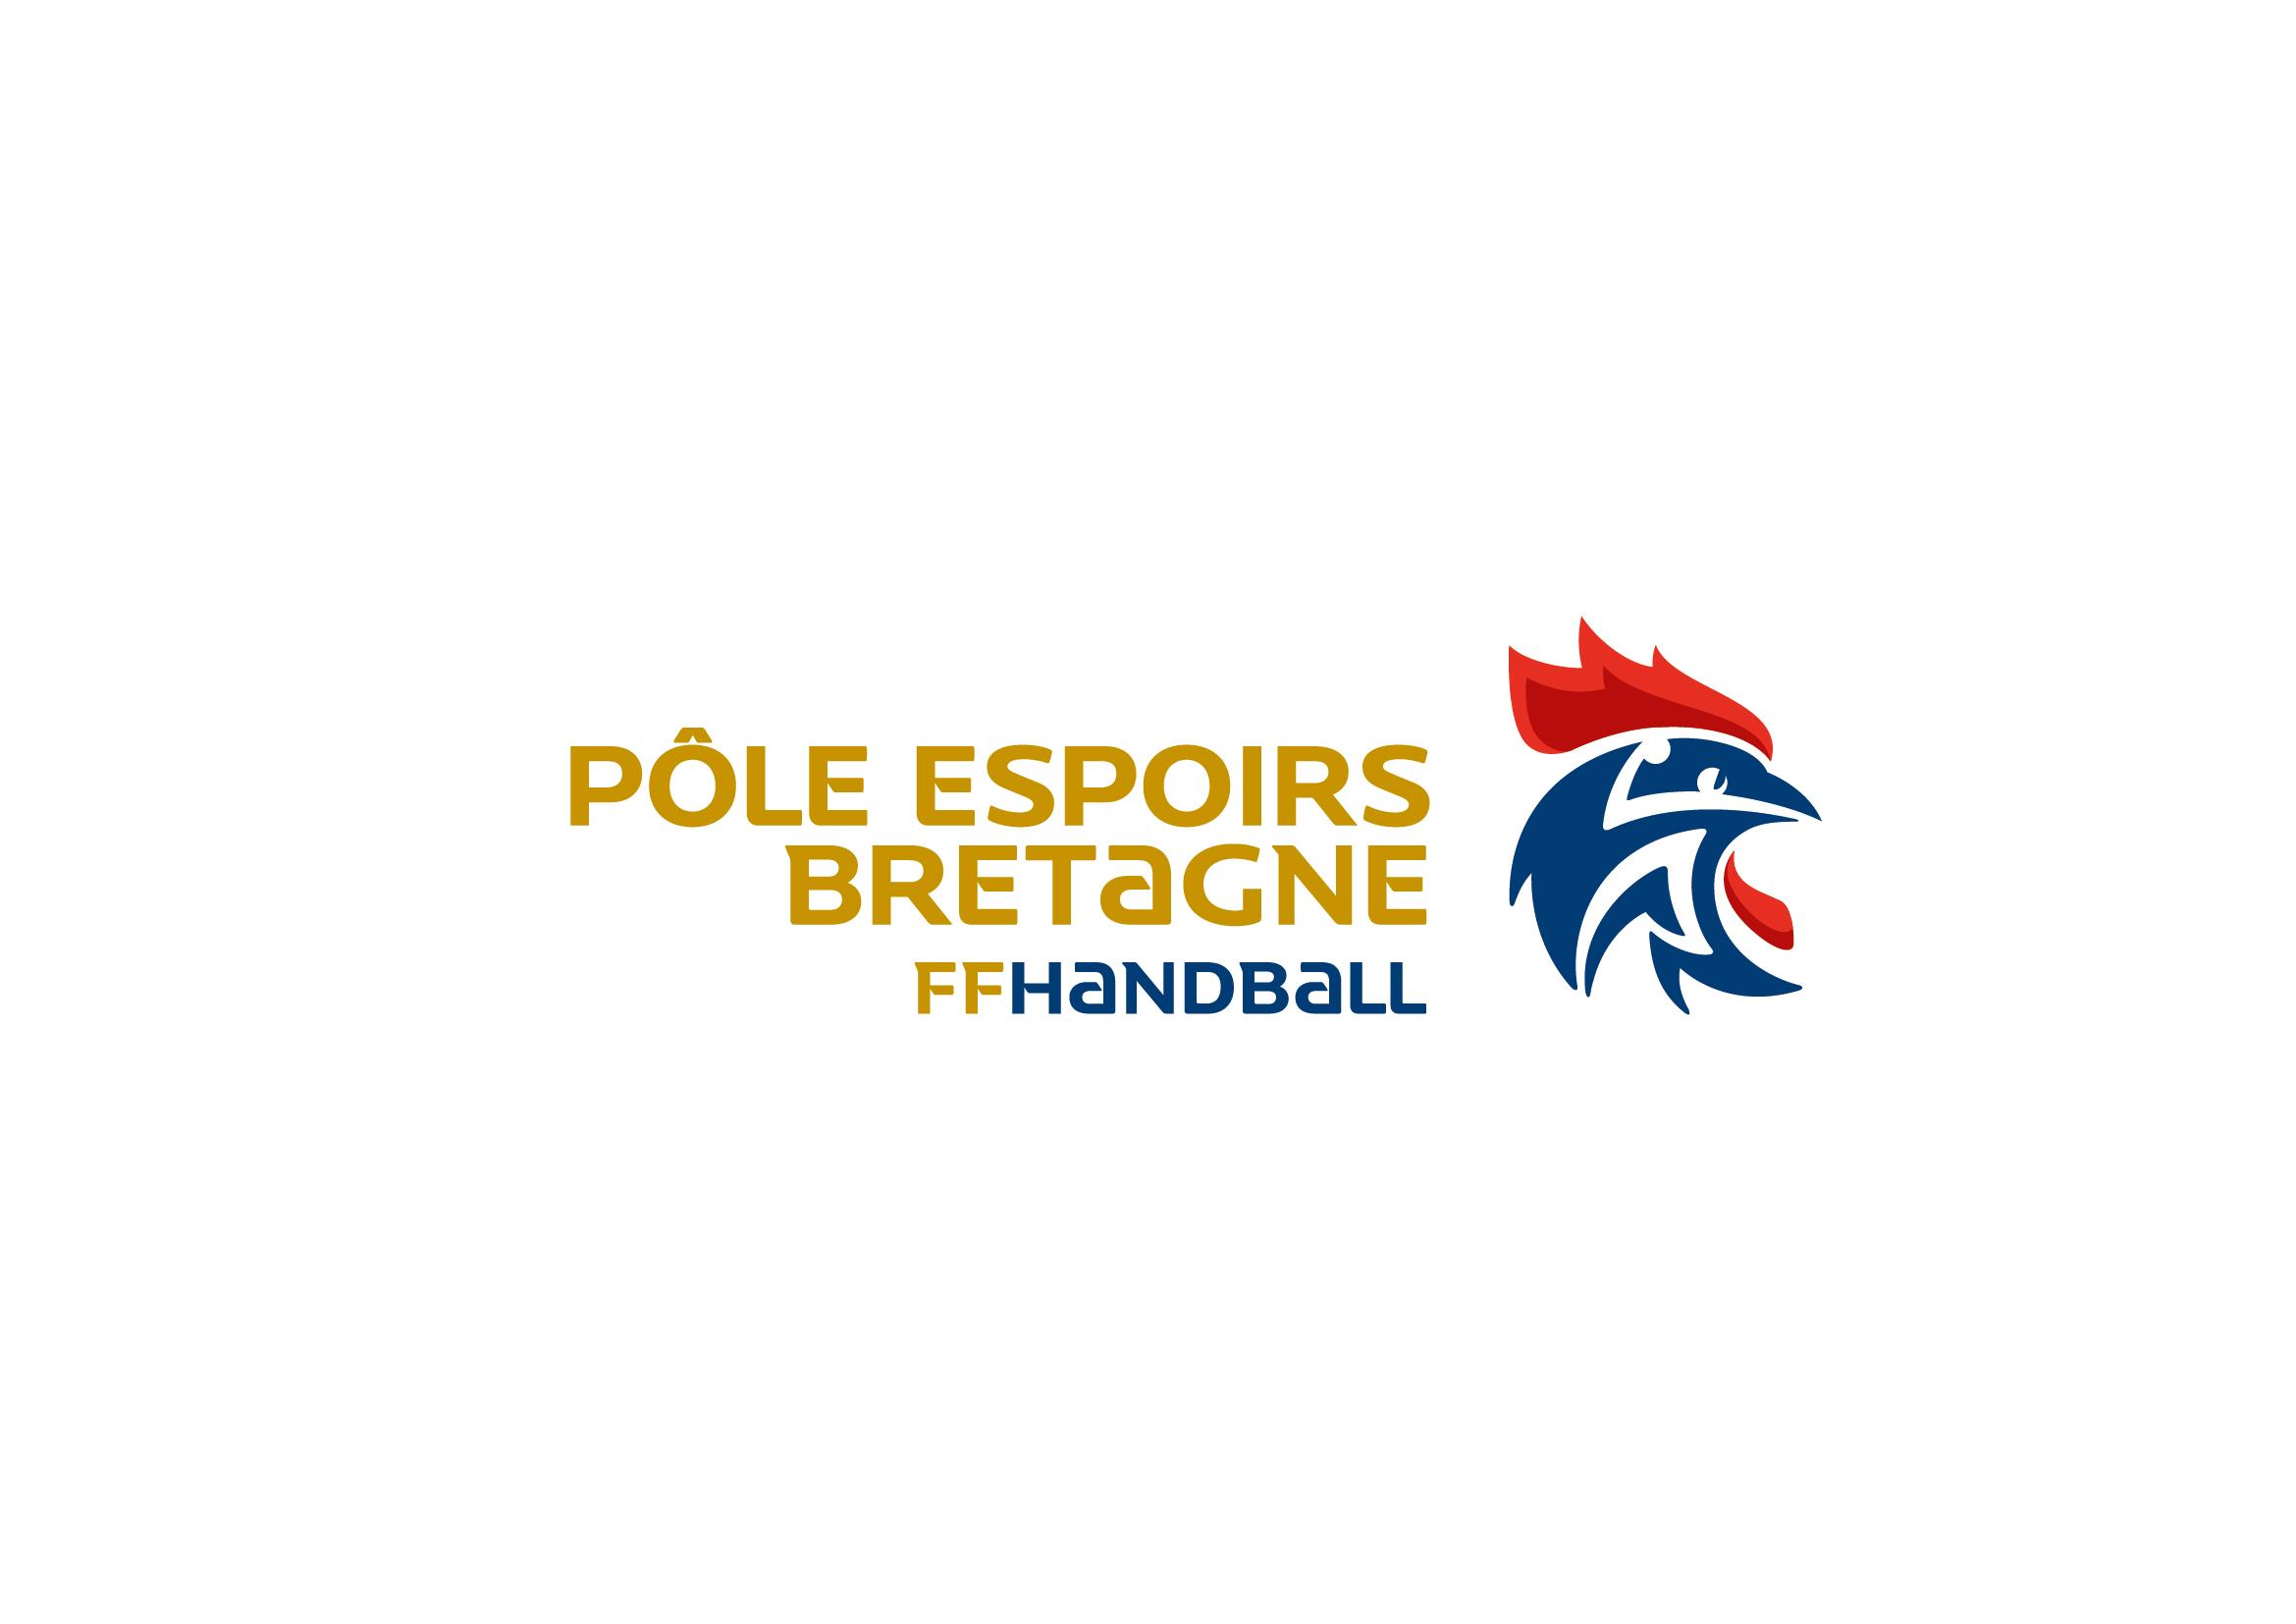 FFHB_LOGO_POLE_ESPOIRS_BRETAGNE_FD_BL_Q